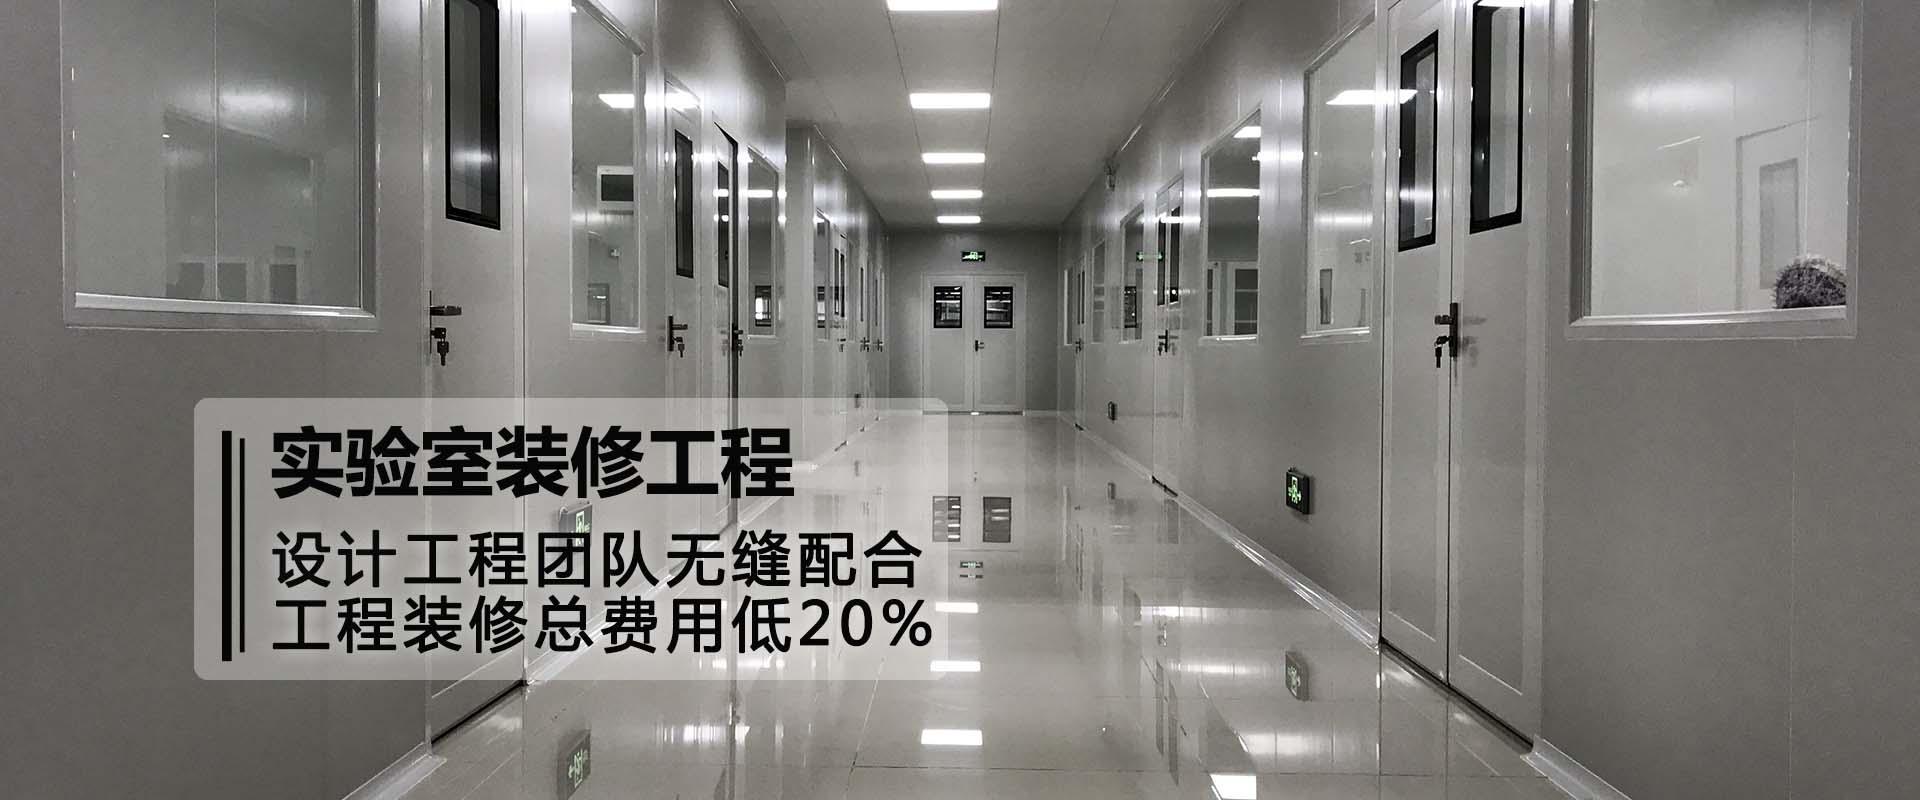 深圳华安实验室建设幻灯片3